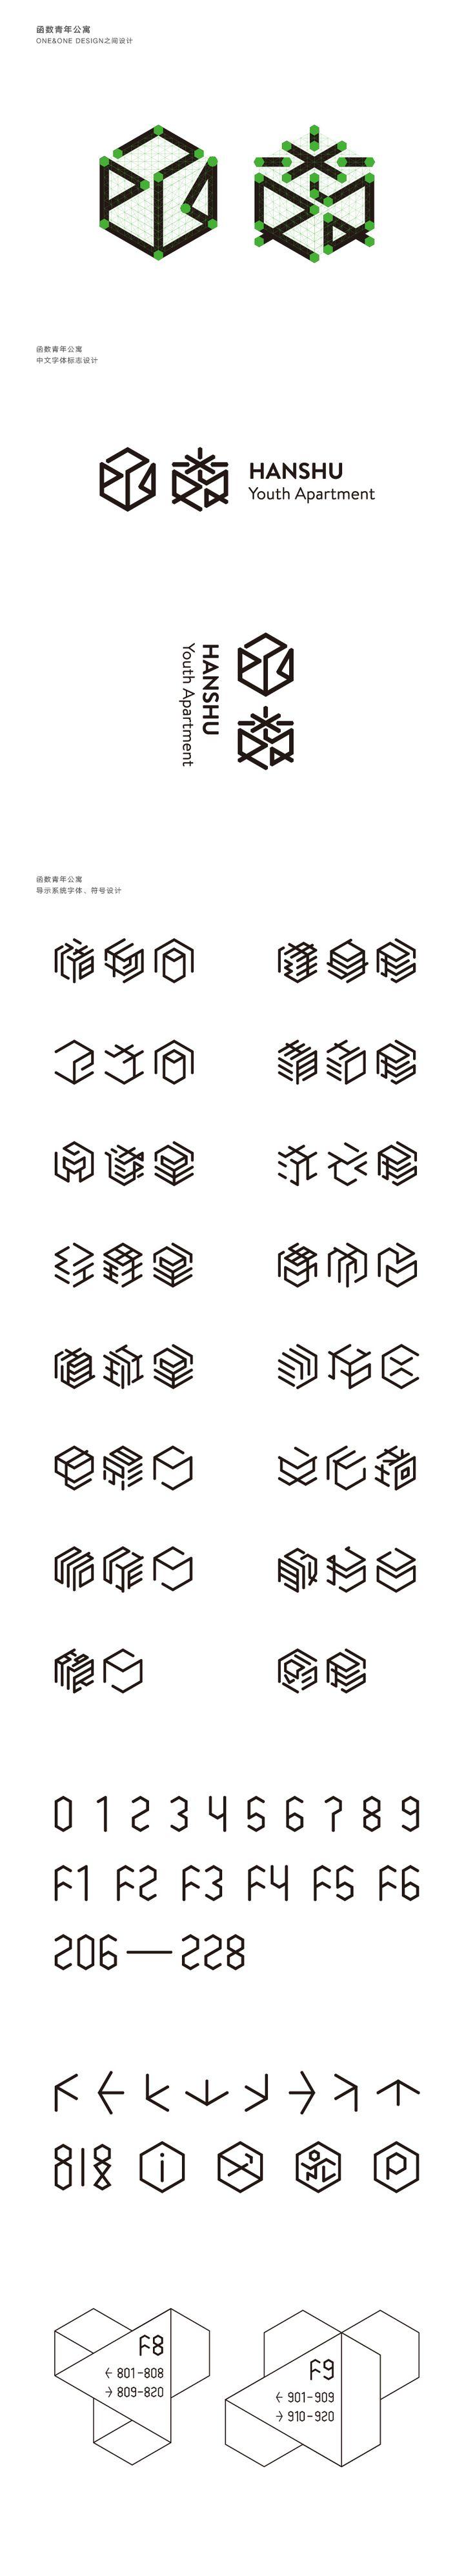 之间设计-LOGO&字体设计集|平面|标志|之间设计 - 原创作品 - 站酷 (ZCOOL)